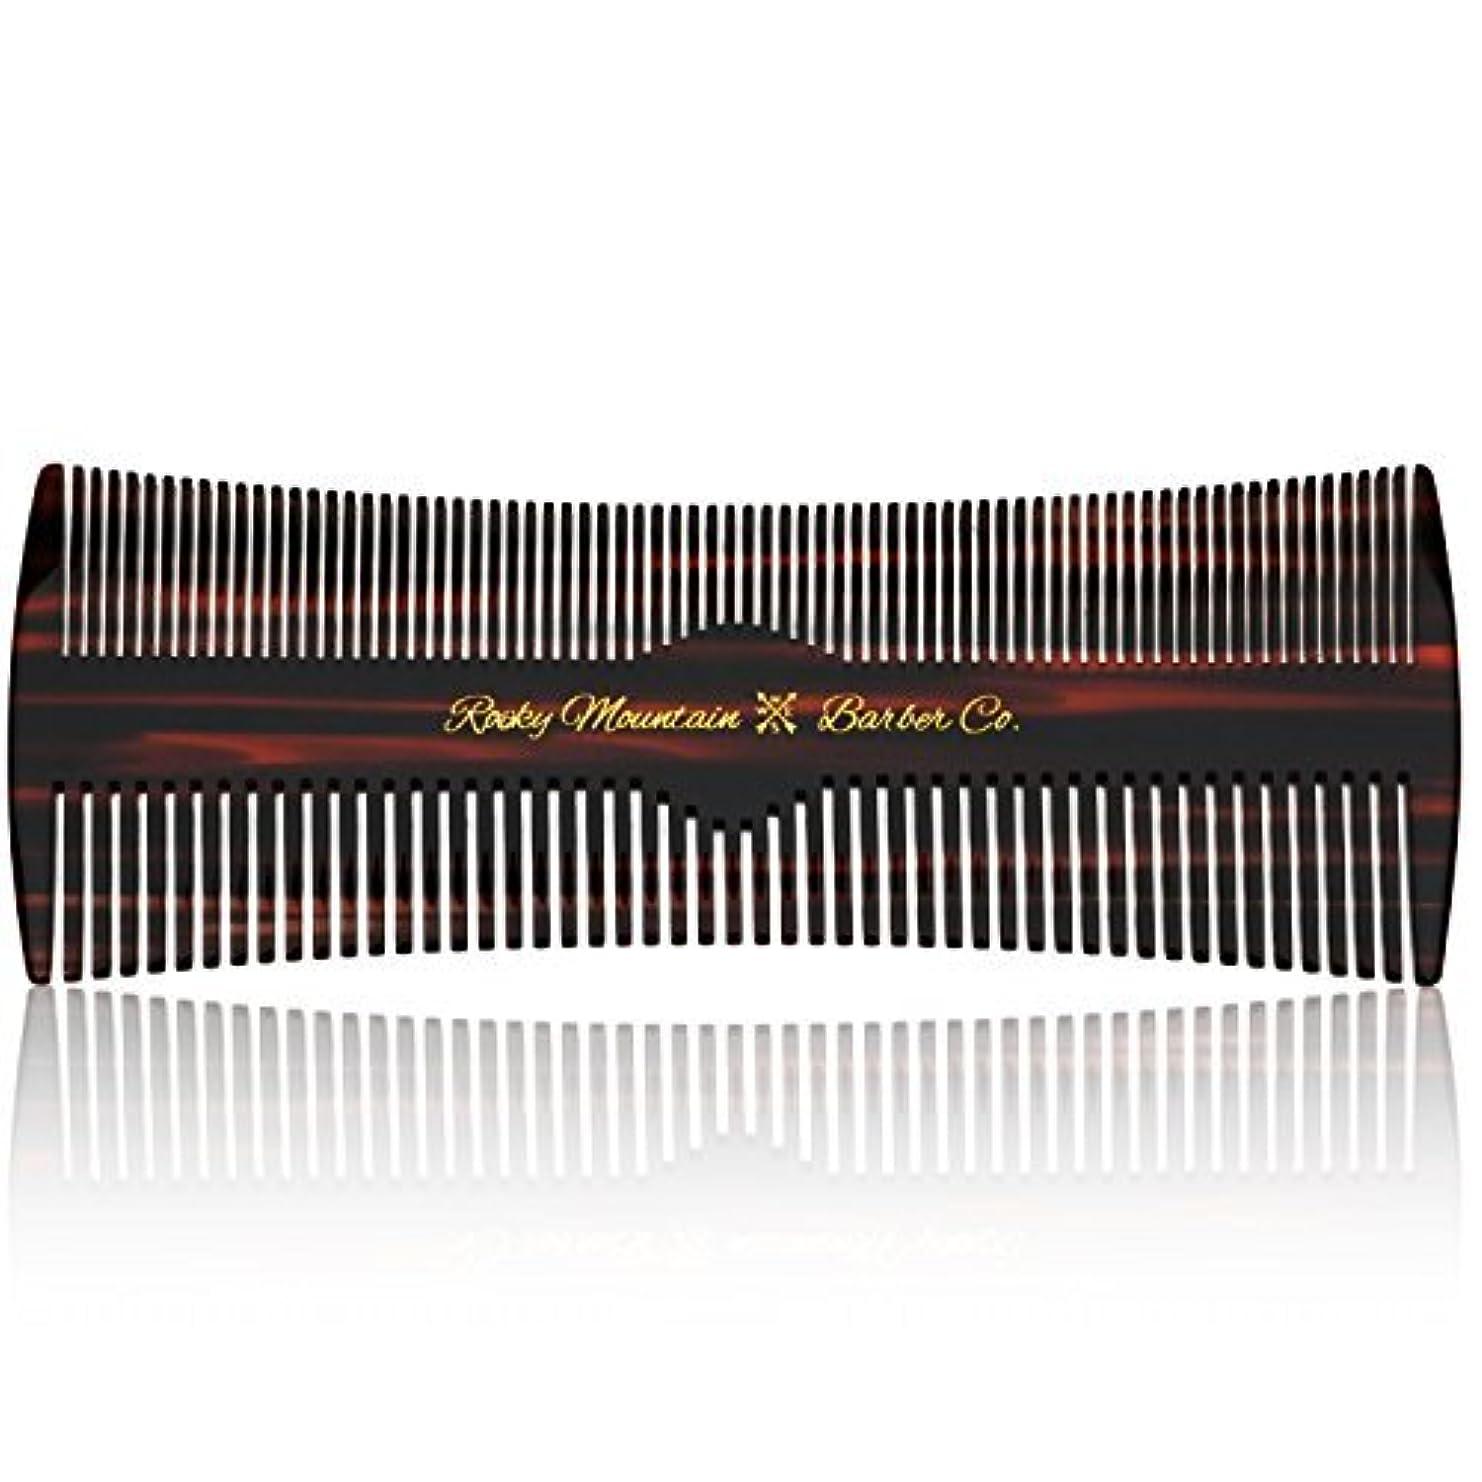 賢いミニチュア呪いHair Comb - Fine and Medium Tooth Comb for Head Hair, Beard, Mustache - Warp Resistant, No Snag Design with Contour...